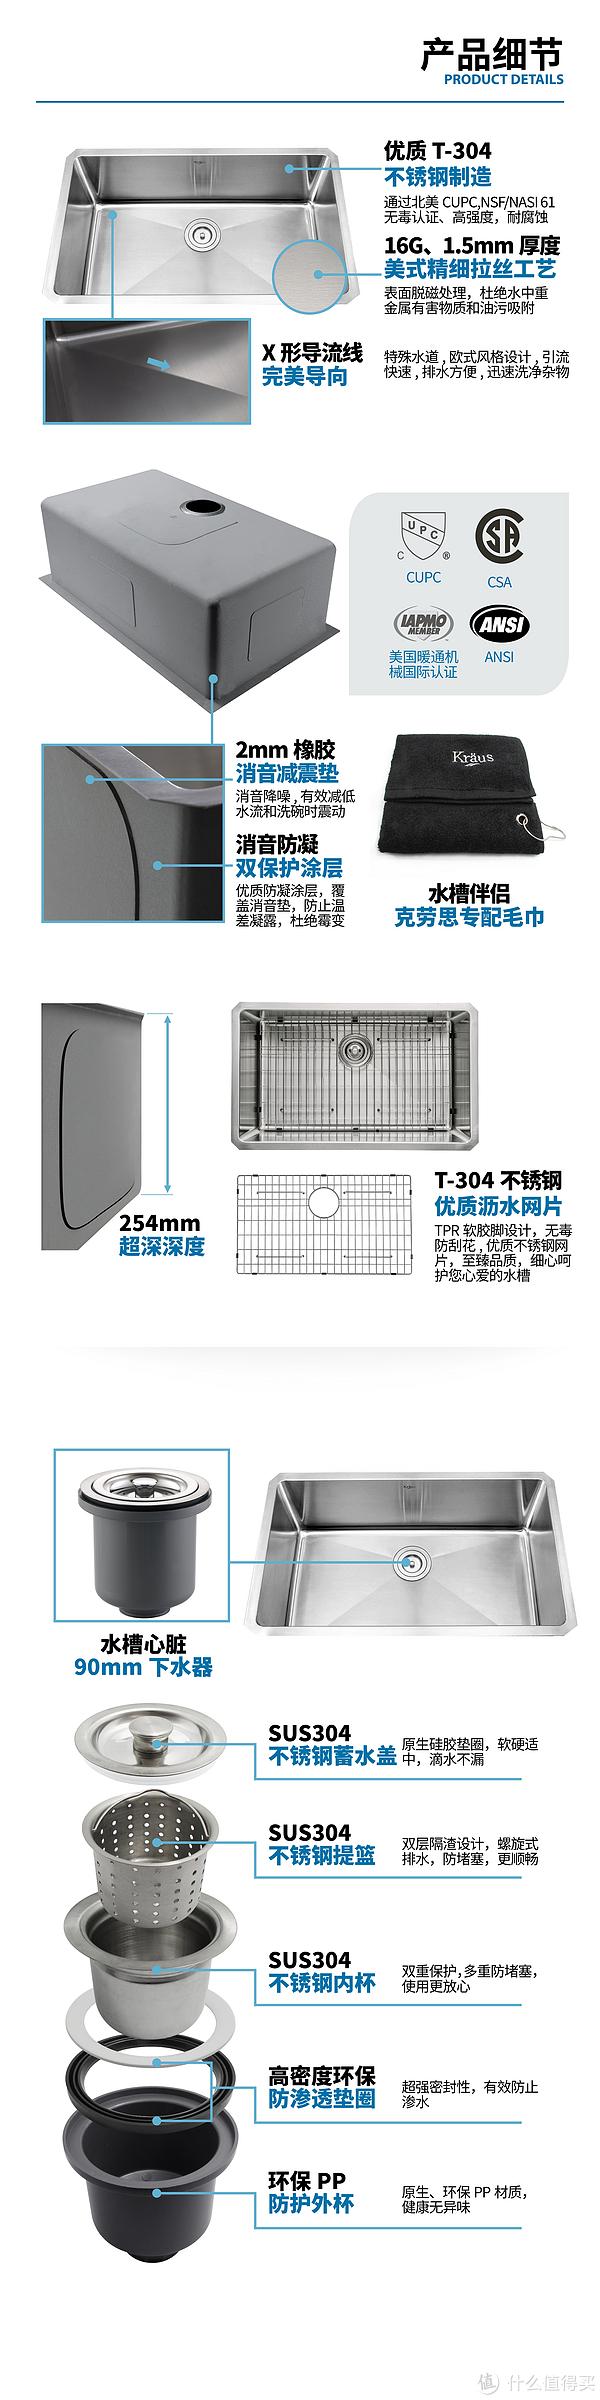 ebay kitchen sinks unique accessories 装修剁手剁不停 美国kraus 克劳思单盆厨房水槽 什么值得买